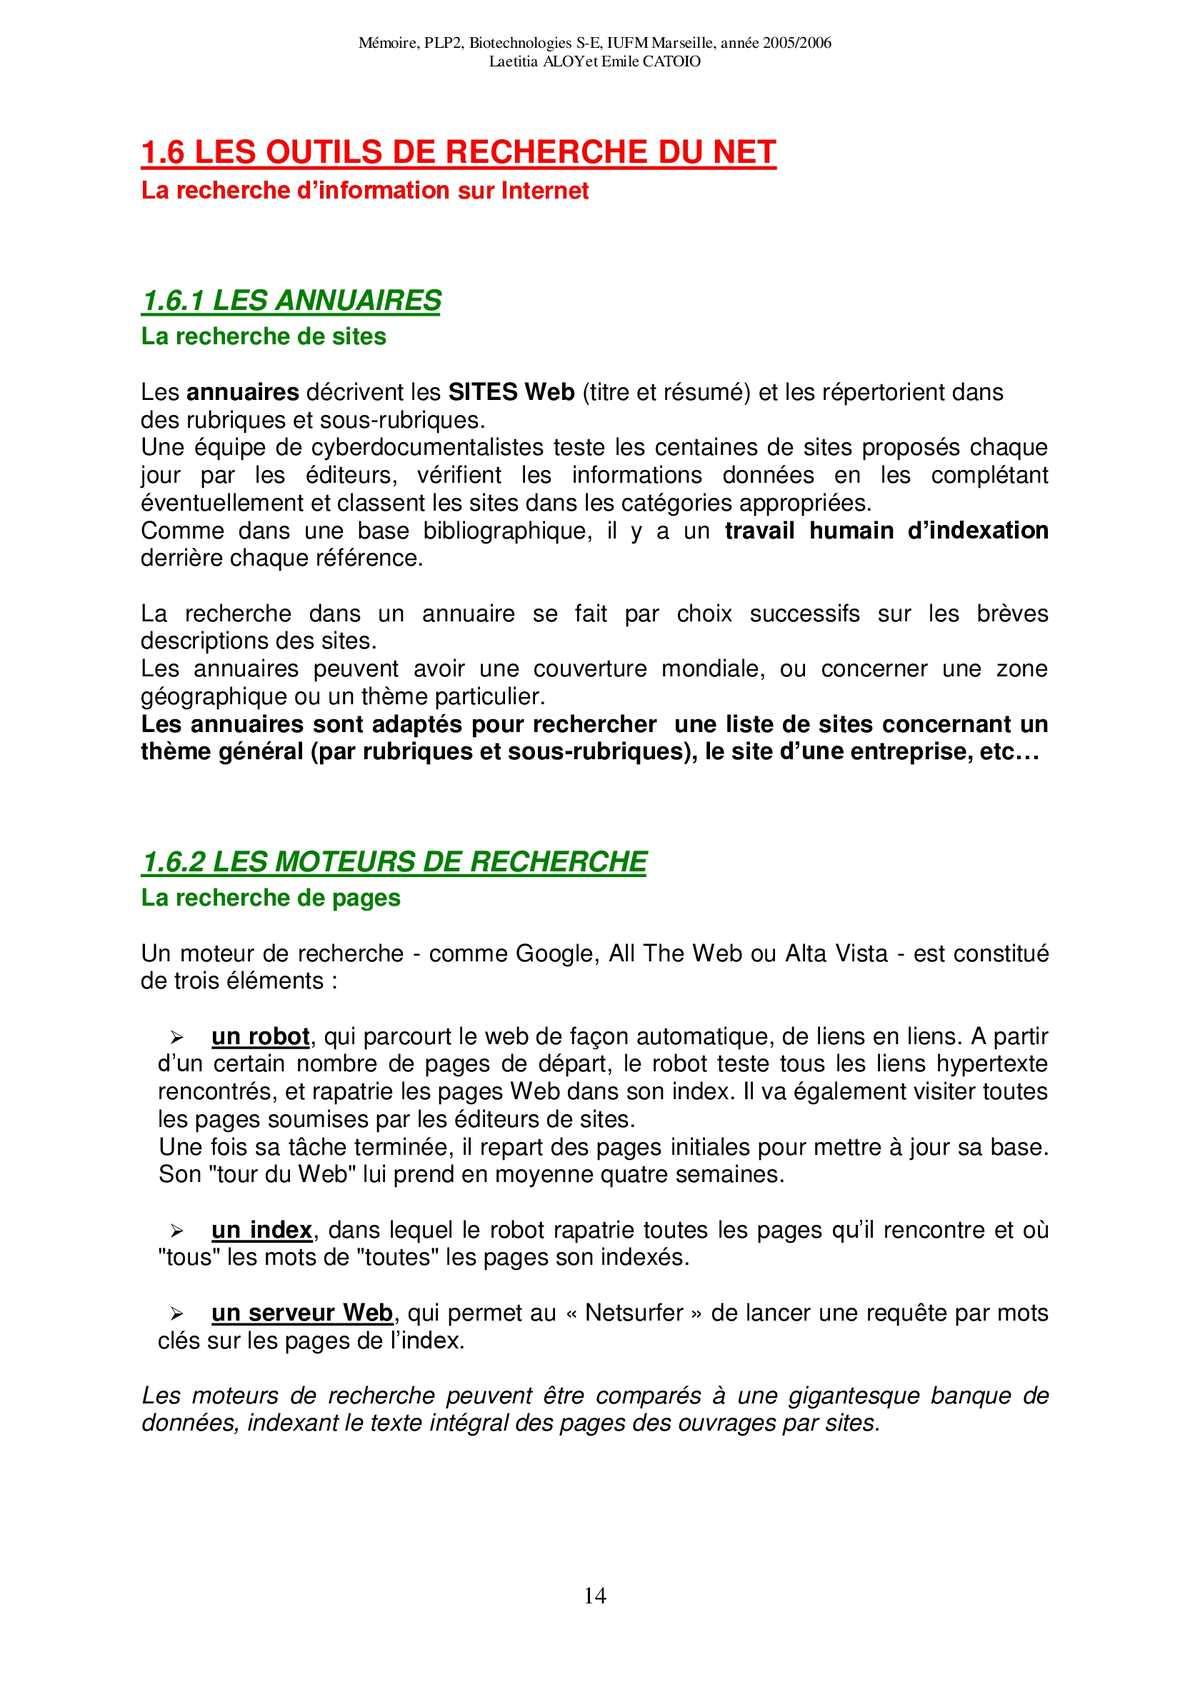 Annuaire rencontre rencontre cul paris rencontre québécois